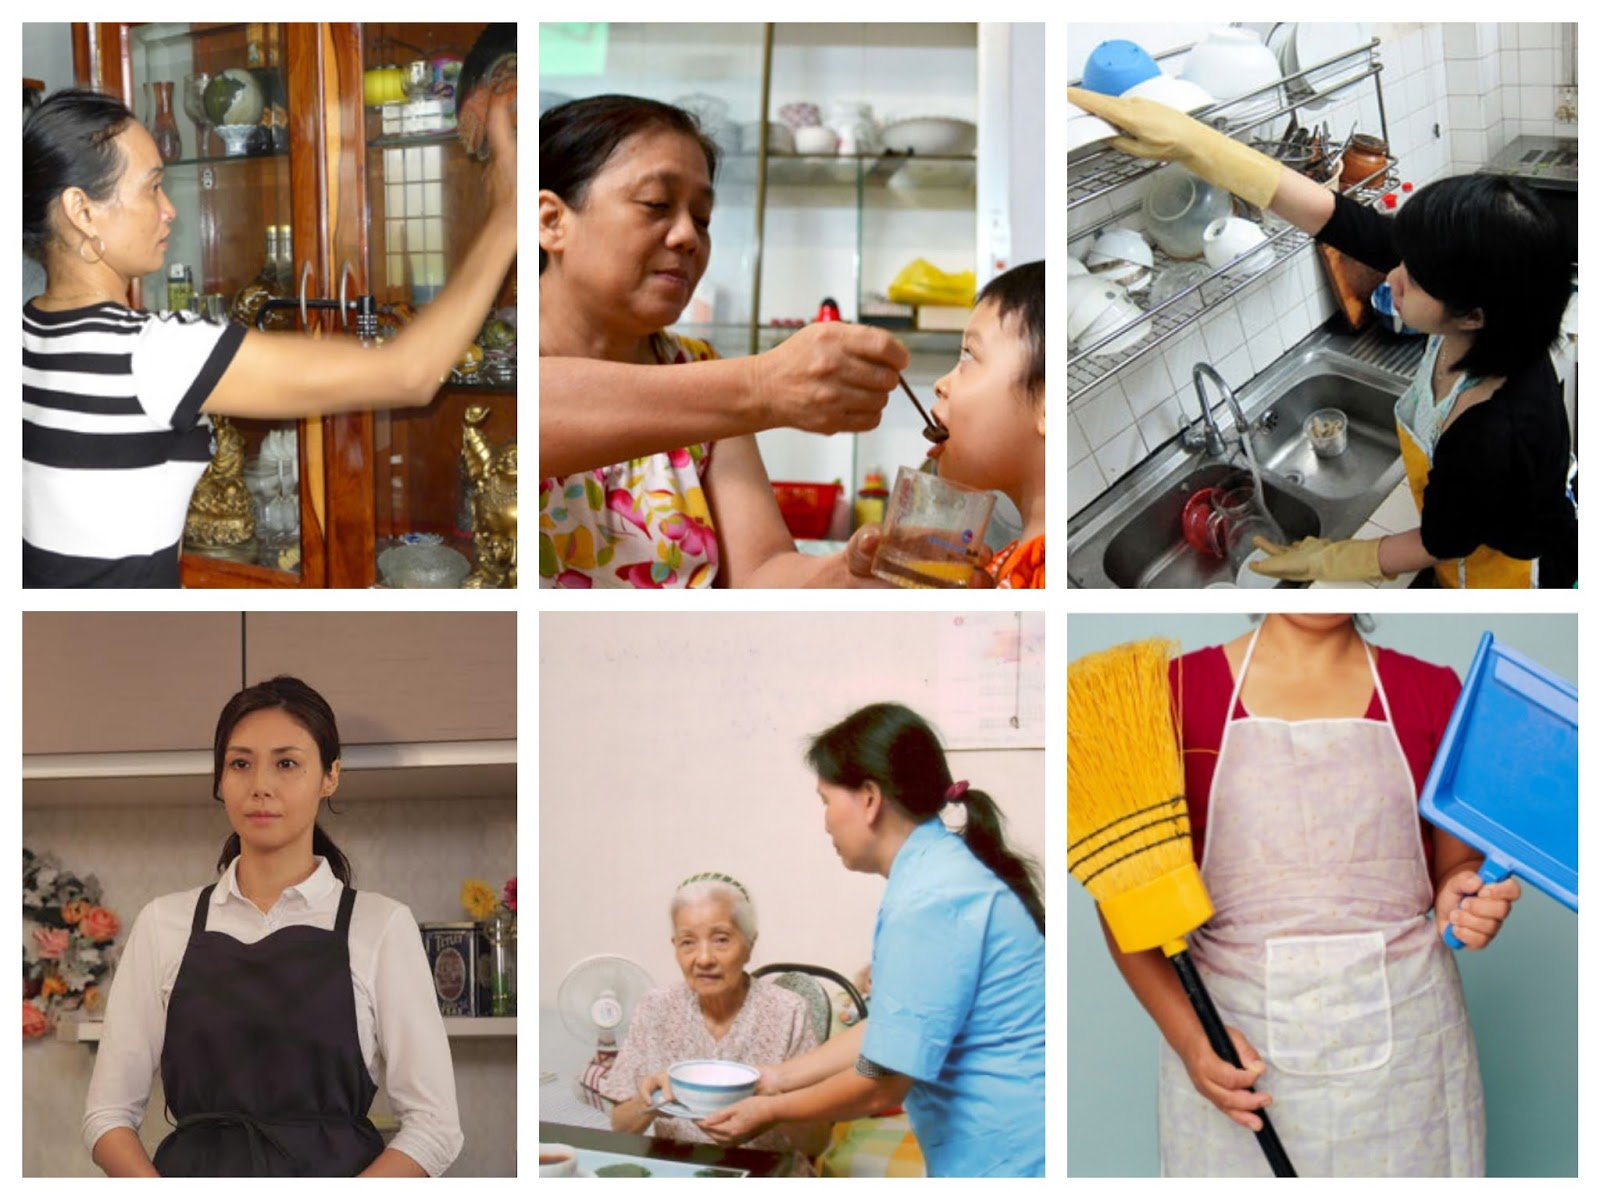 [xkldquocte] Xuẩt khẩu lao động Đài Loan - Tuyển gấp nữ giúp việc gia đình - Đài Loan 2019